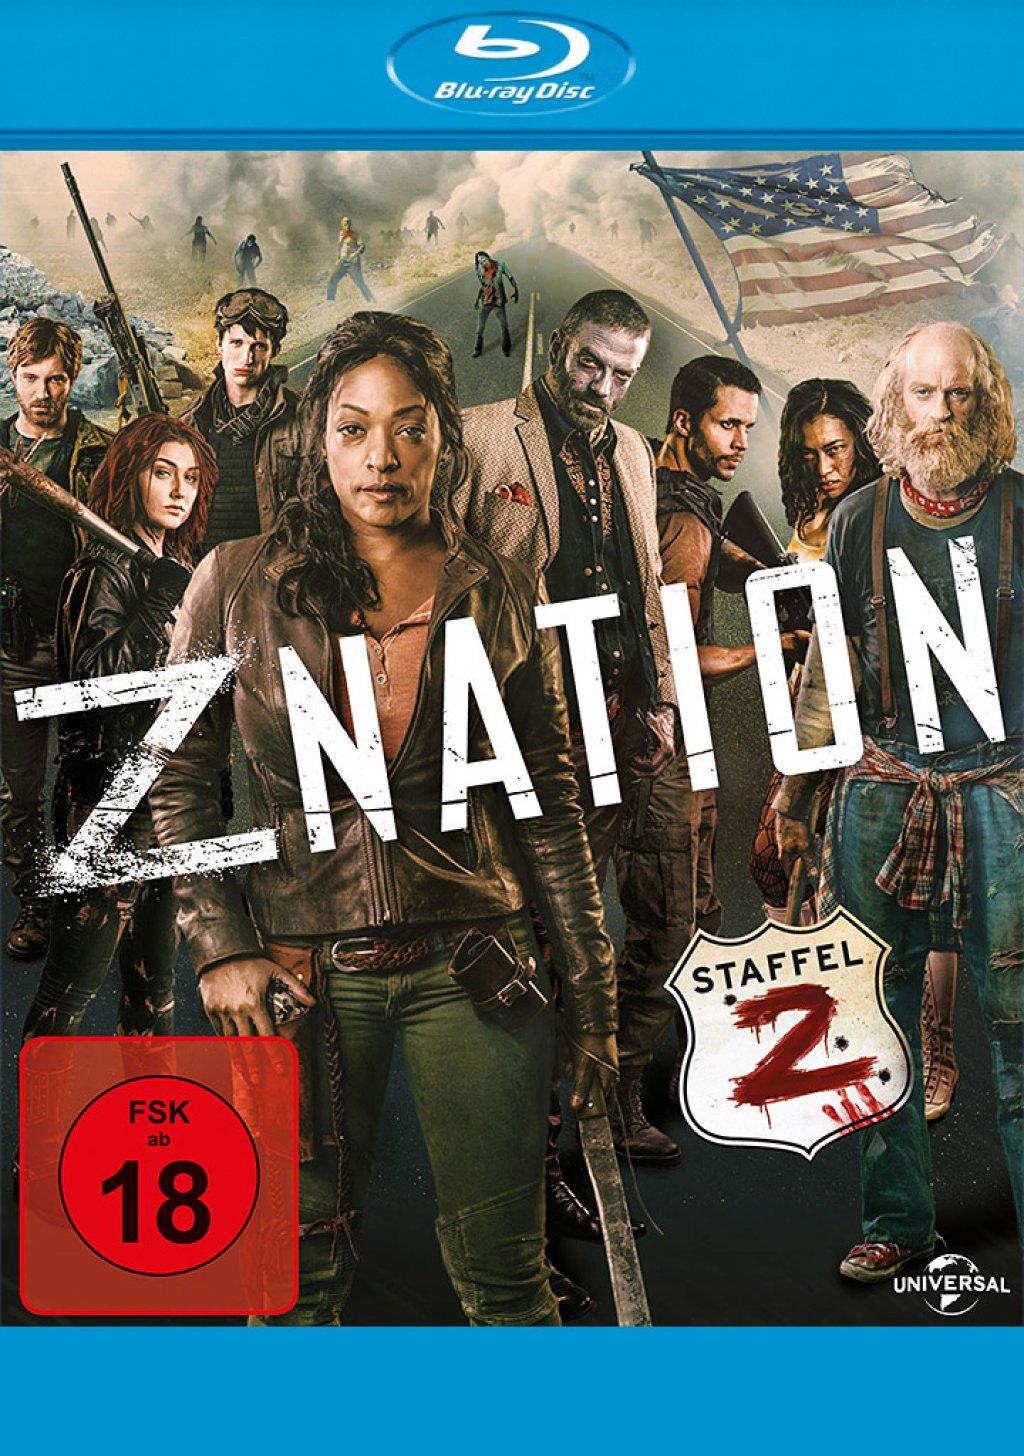 Znation Staffel 4